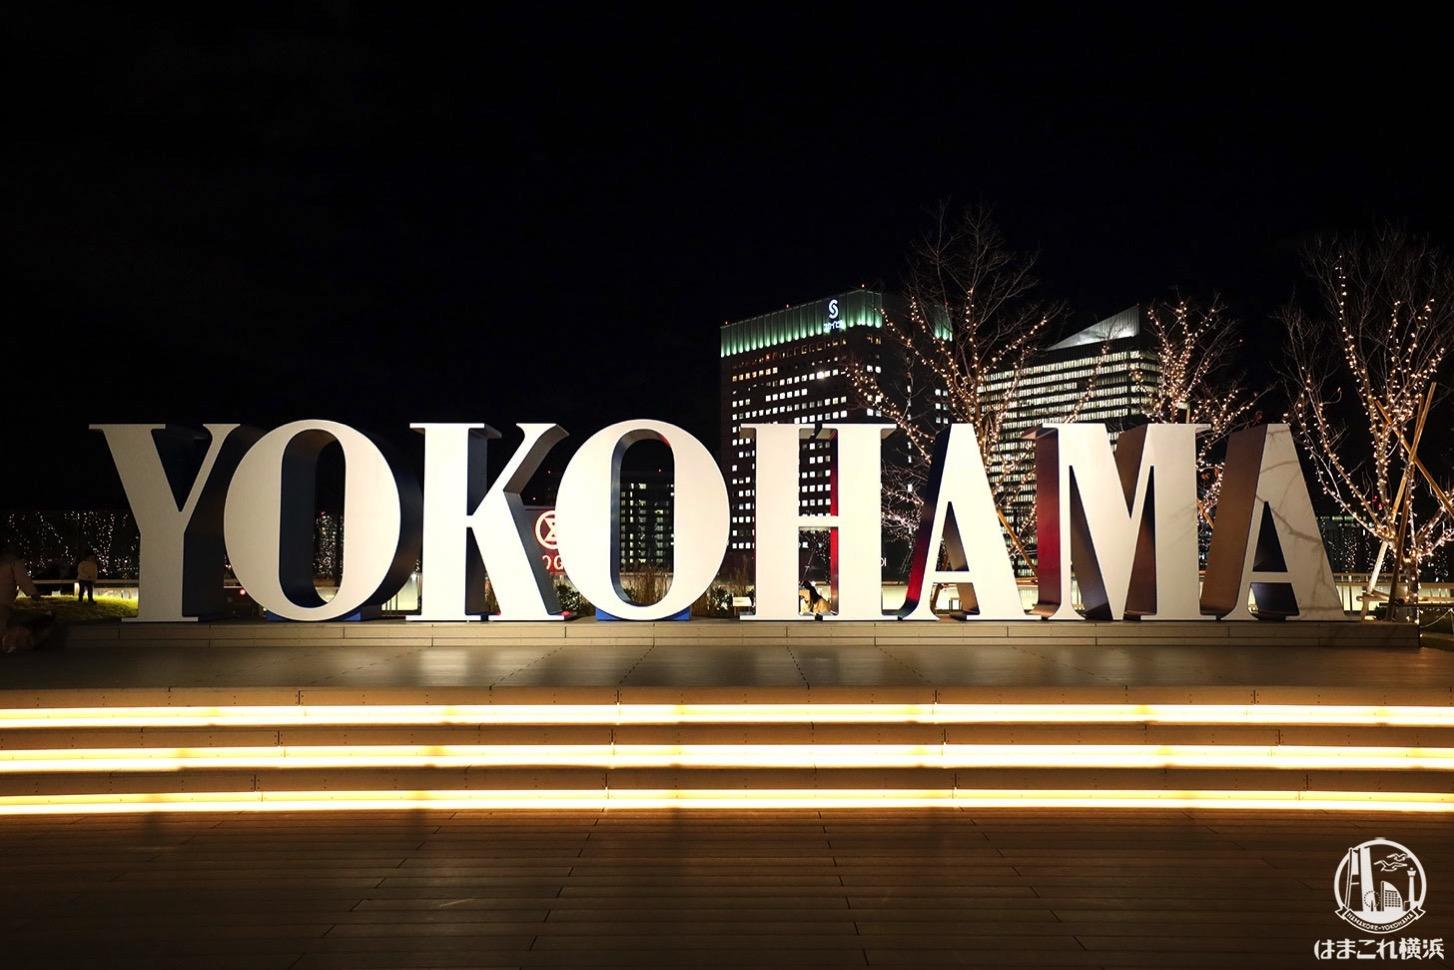 JR横浜タワー「うみそらデッキ」イルミネーションでキラキラ!YOKOHAMAオブジェも